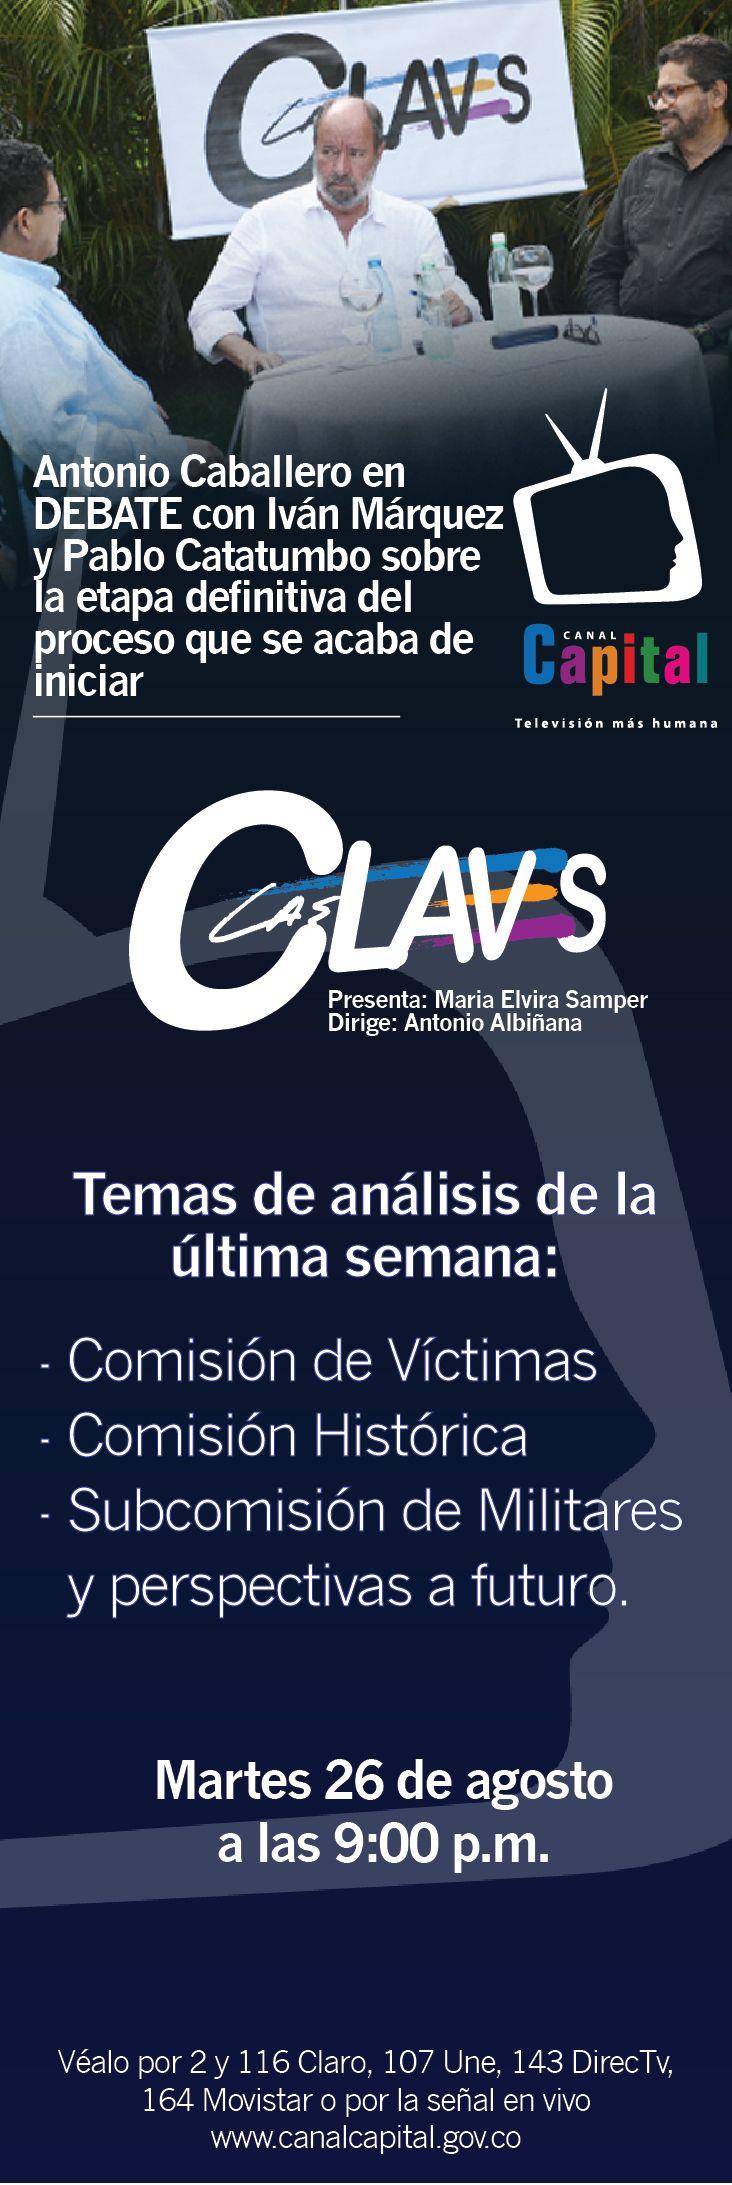 Publicación El Espectador Programa Las Claves Referencia: Cuba Todos los derechos reservados a Canal Capital Diseño: Alexander Hidrobo